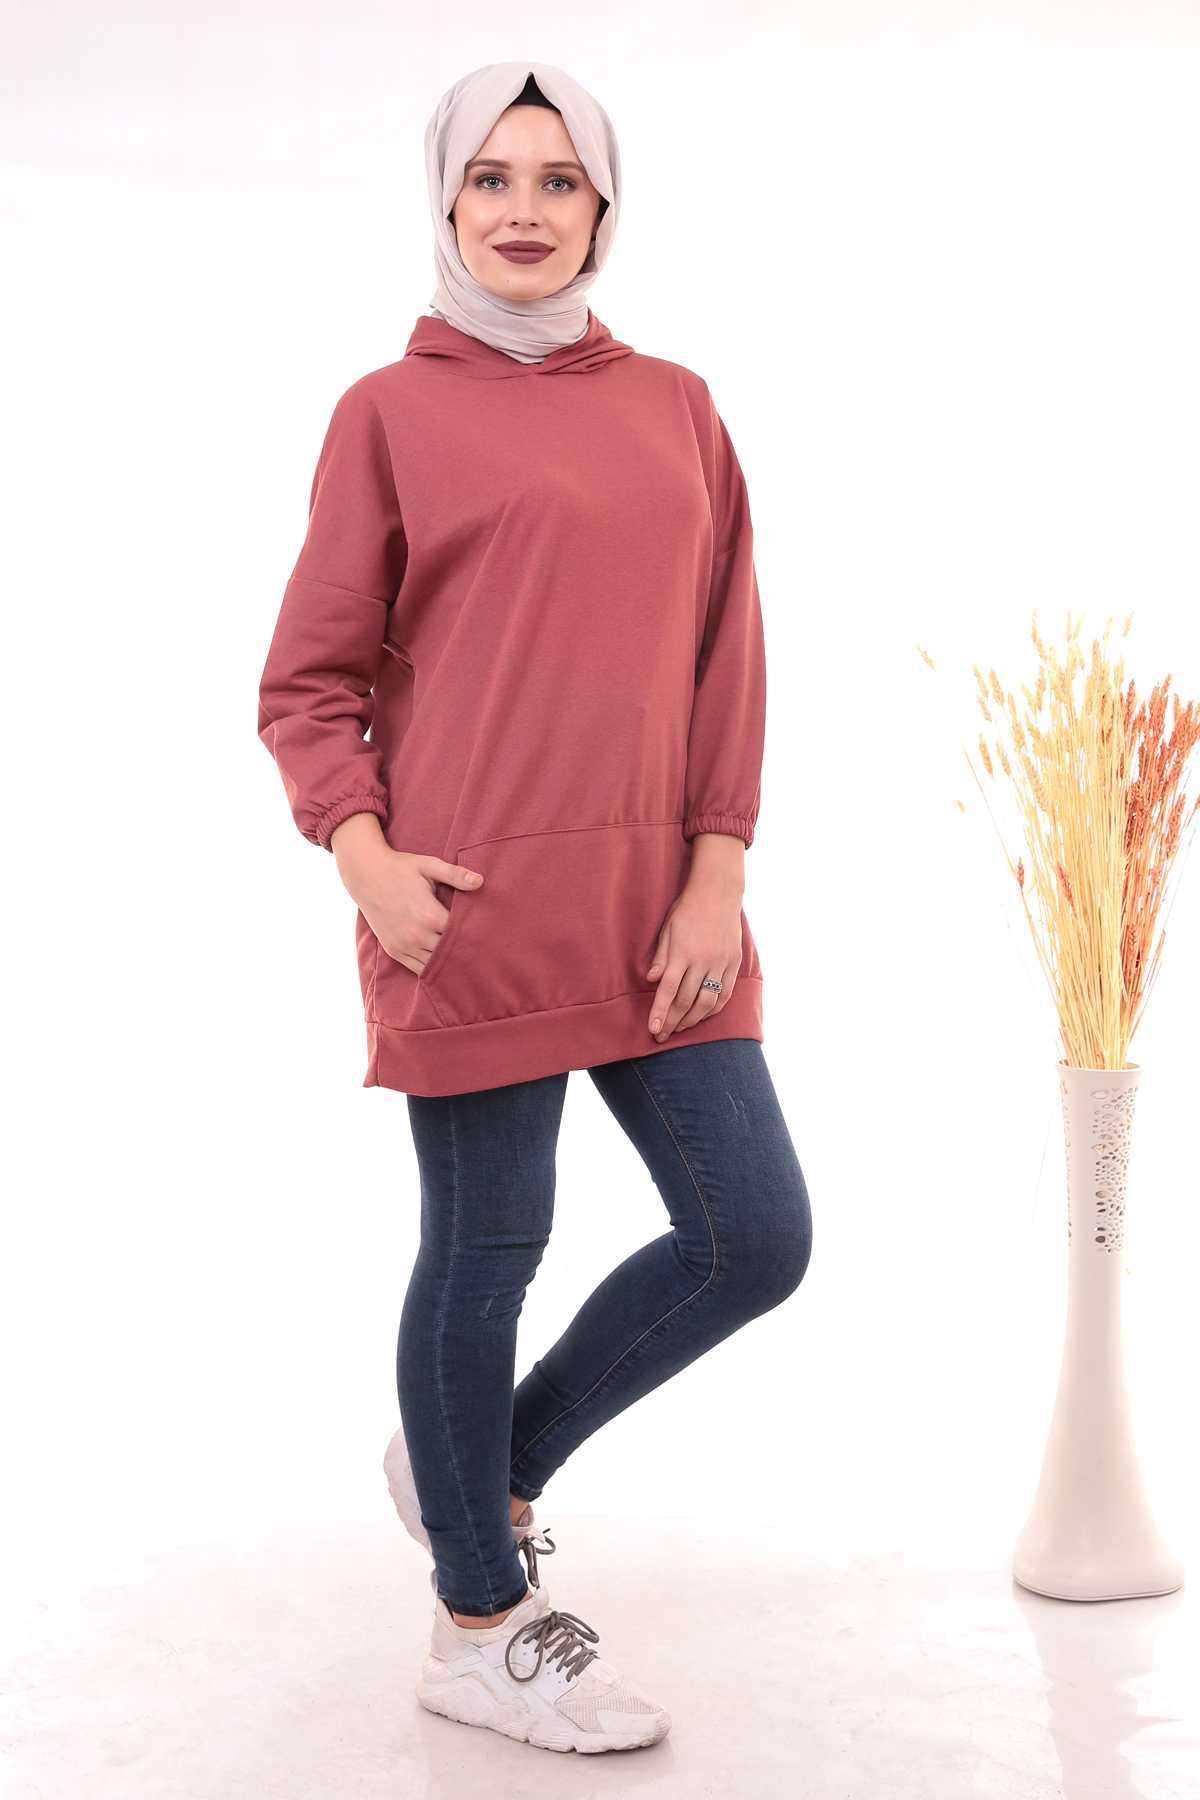 Modaminem Tesettür Sweatshirt Modelleri